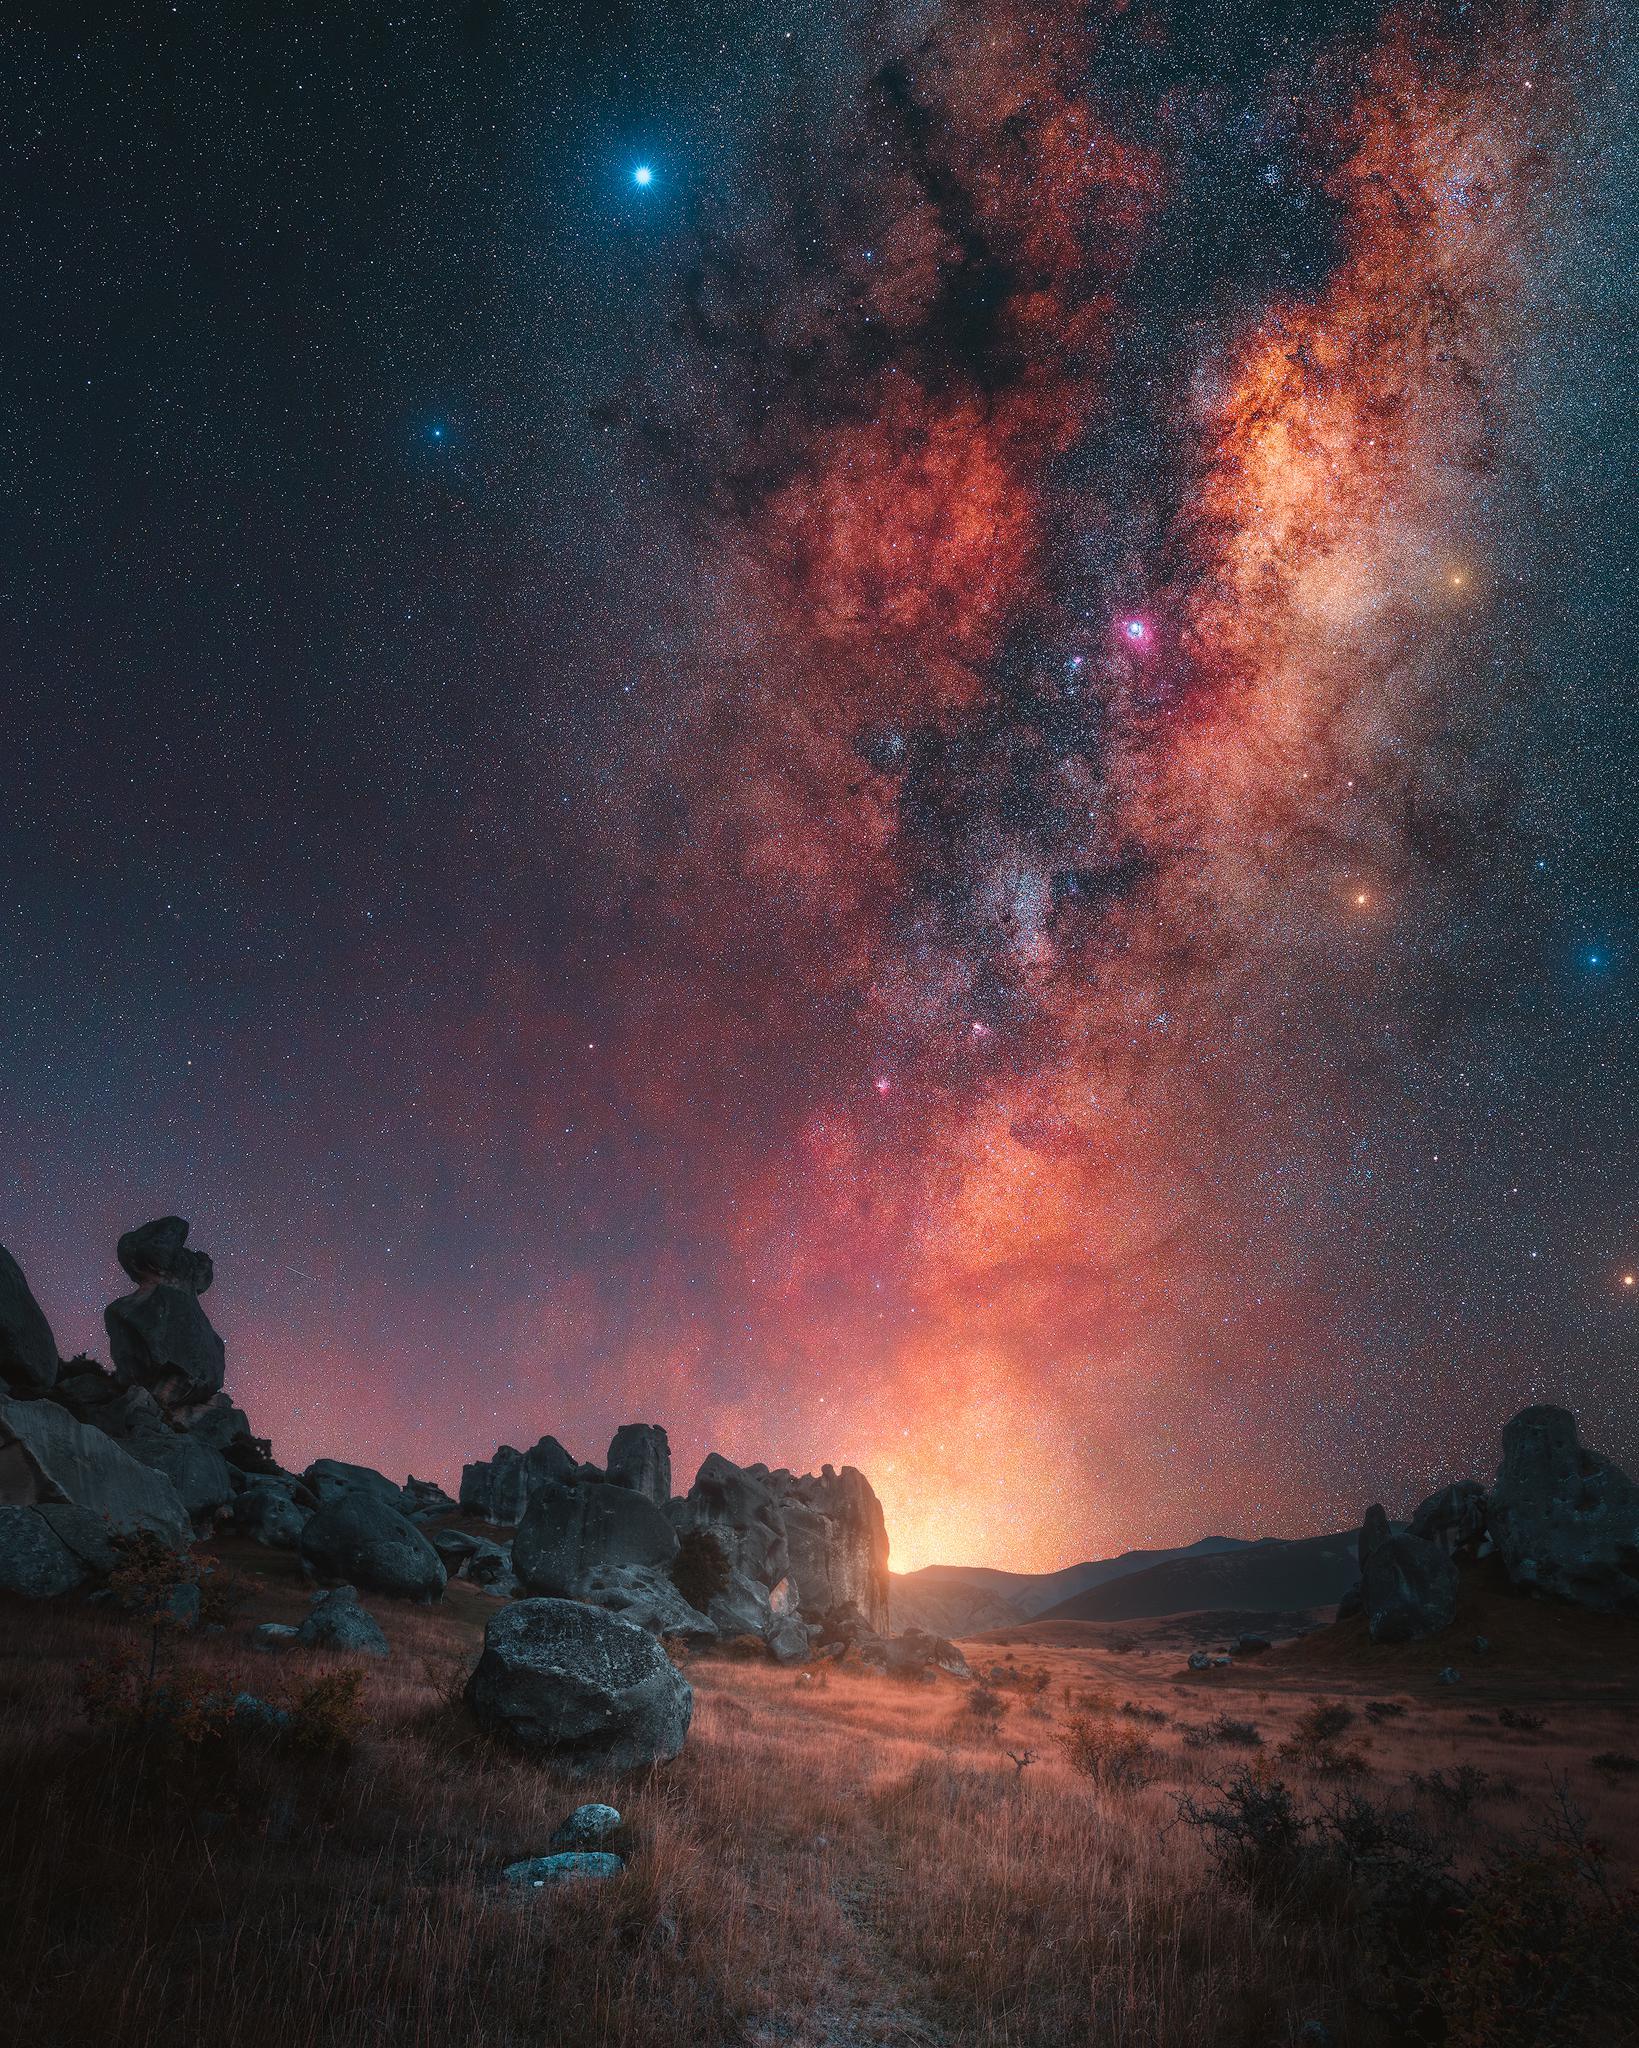 девушку вступилась фото невероятный космос они ближе